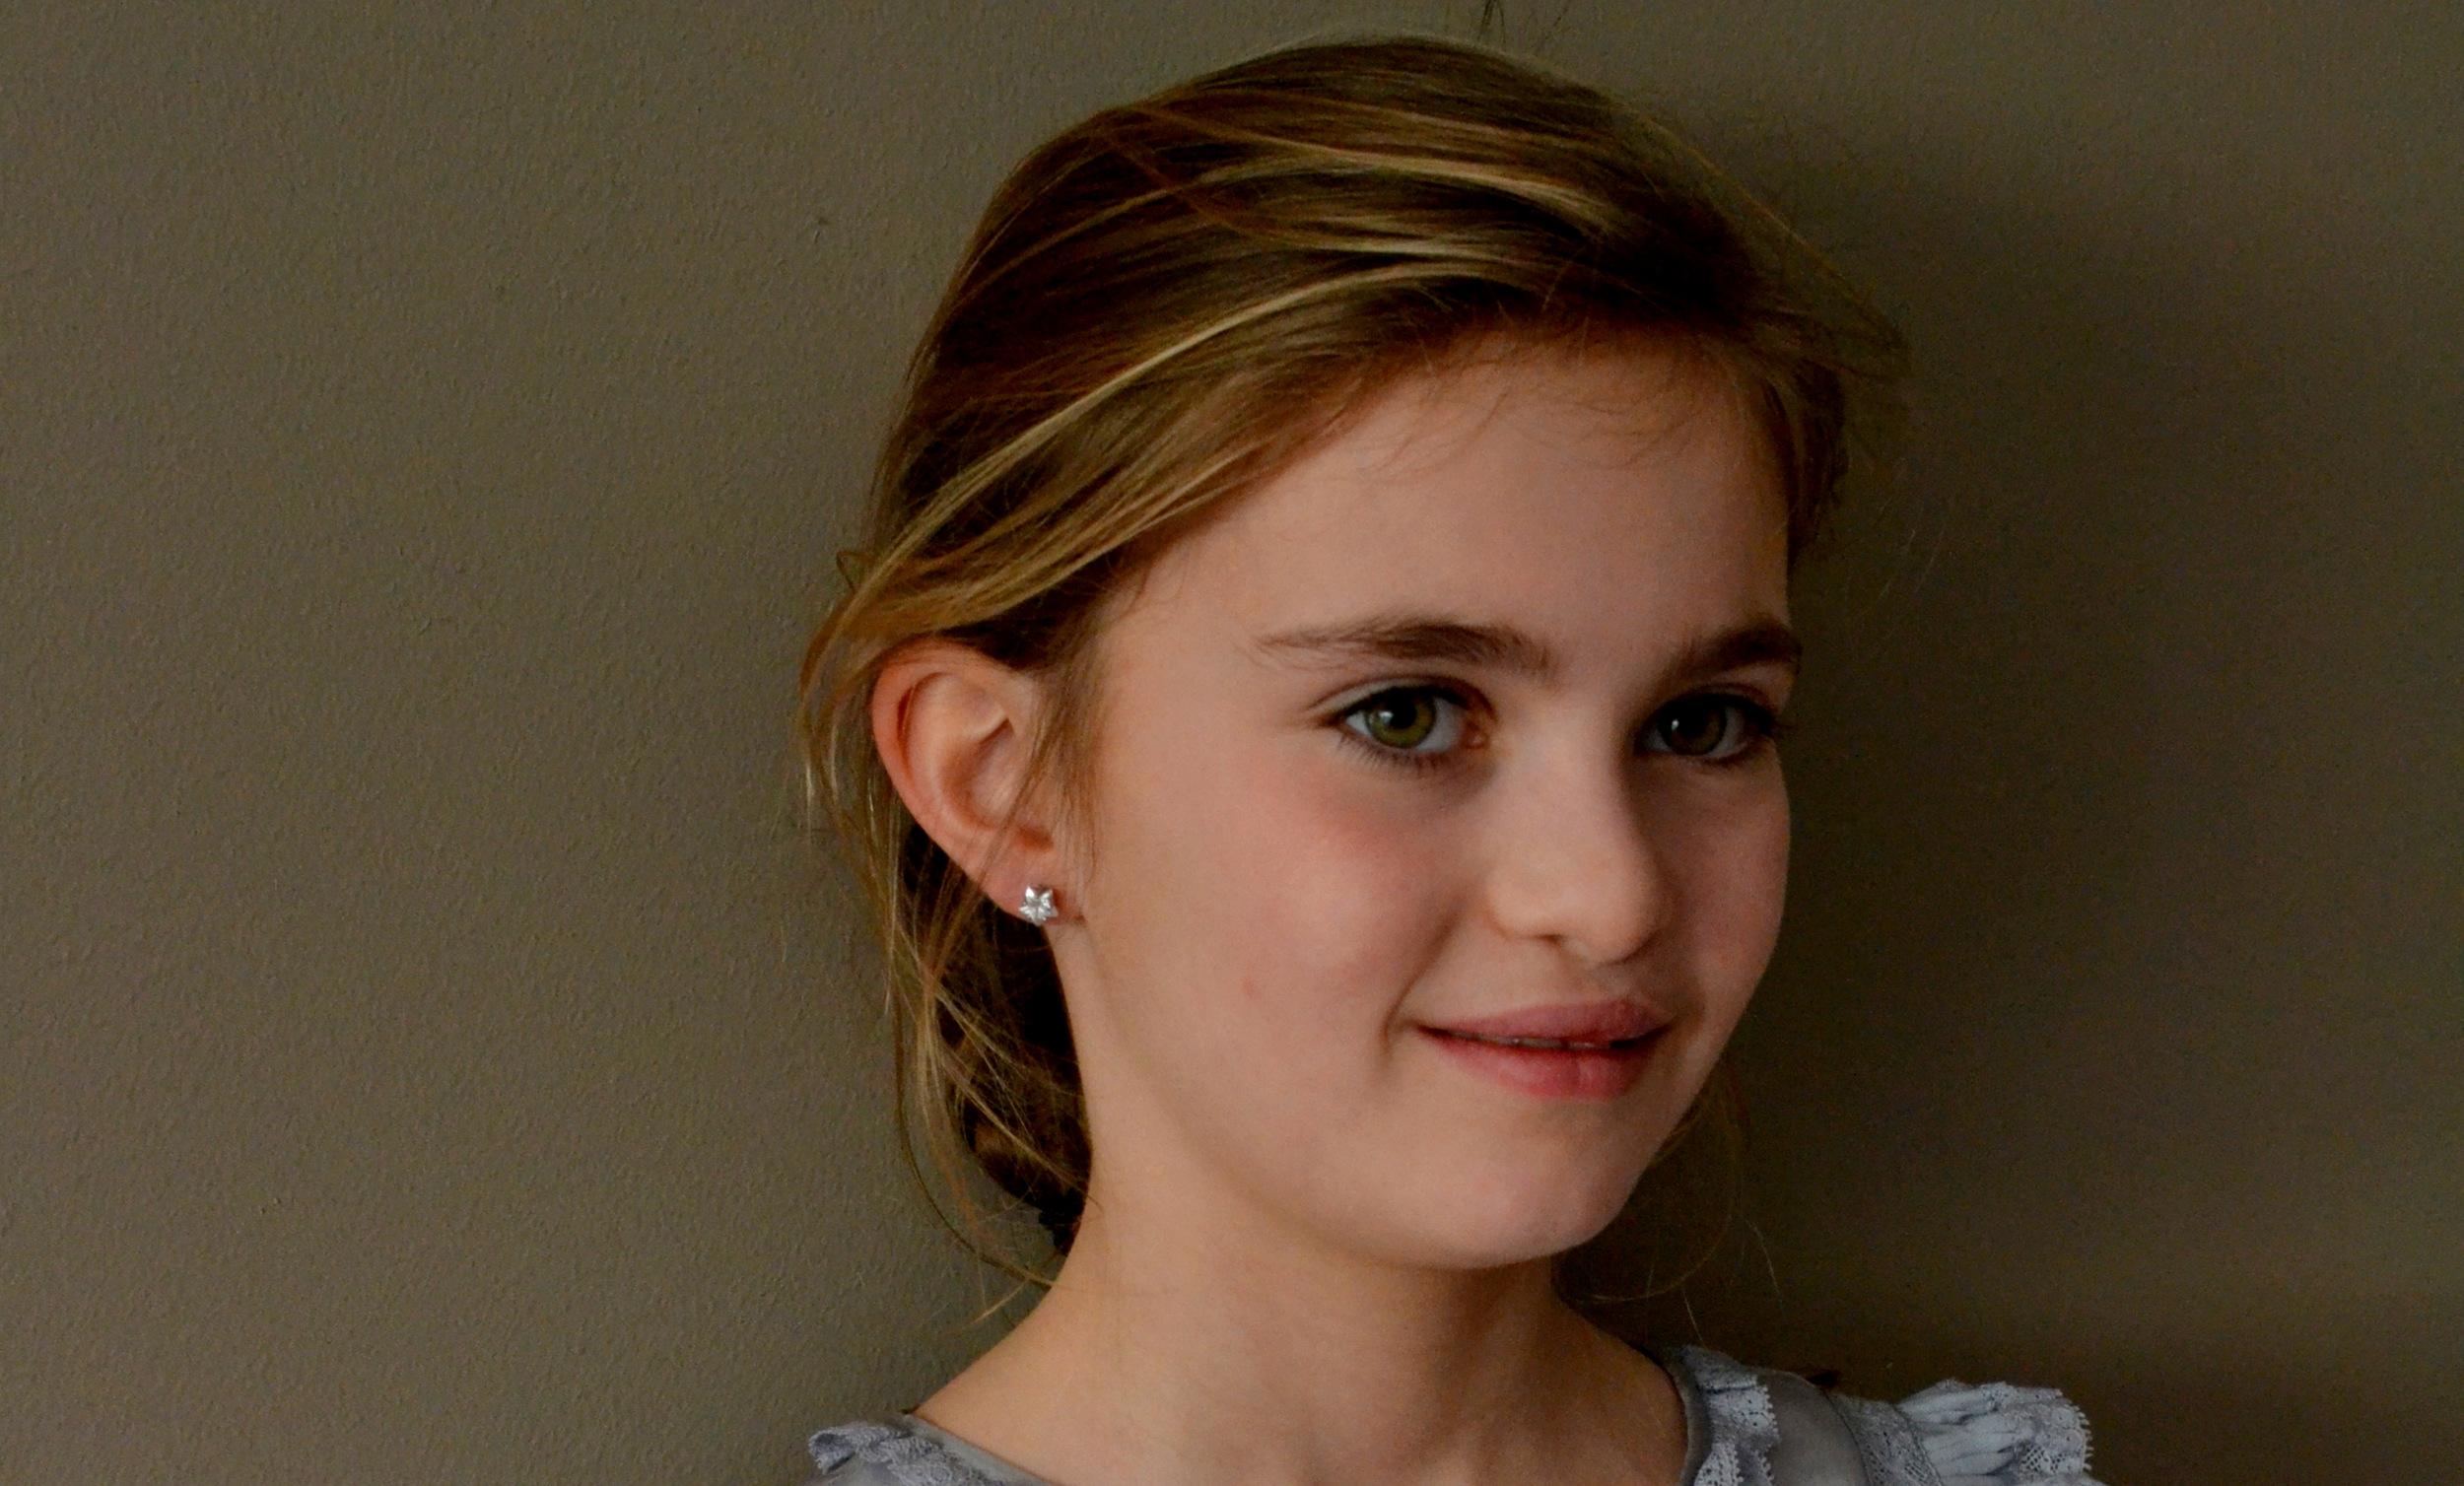 Ear Piercing For Children Les Enfants A Paris